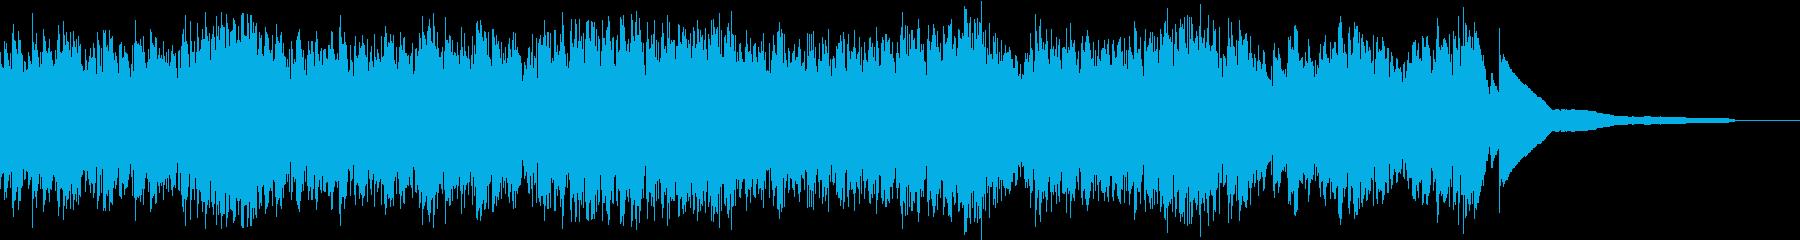 生演奏:細かい音の動きで流れるピアノの再生済みの波形